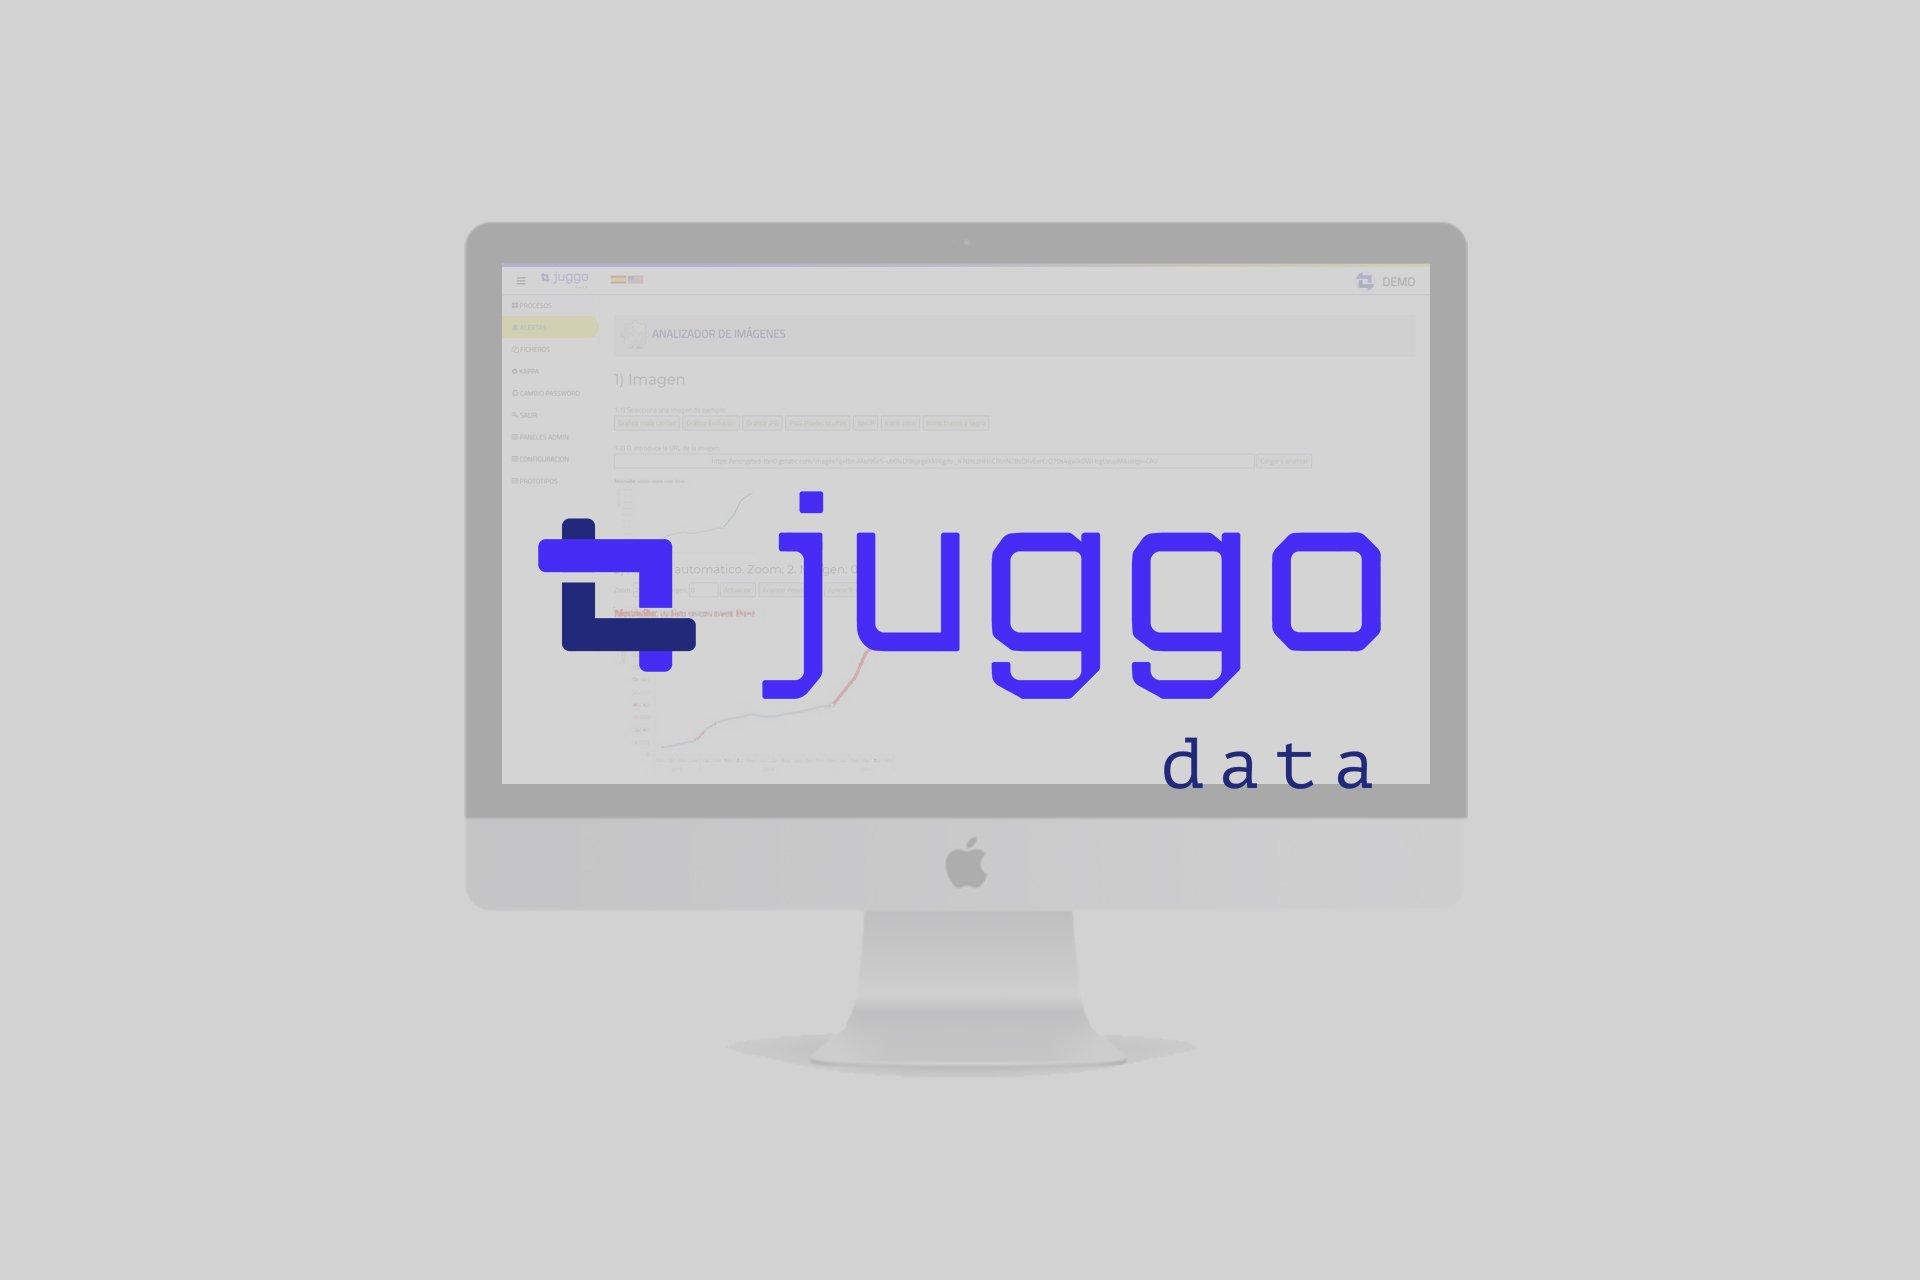 Análisis de imágenes Juggo